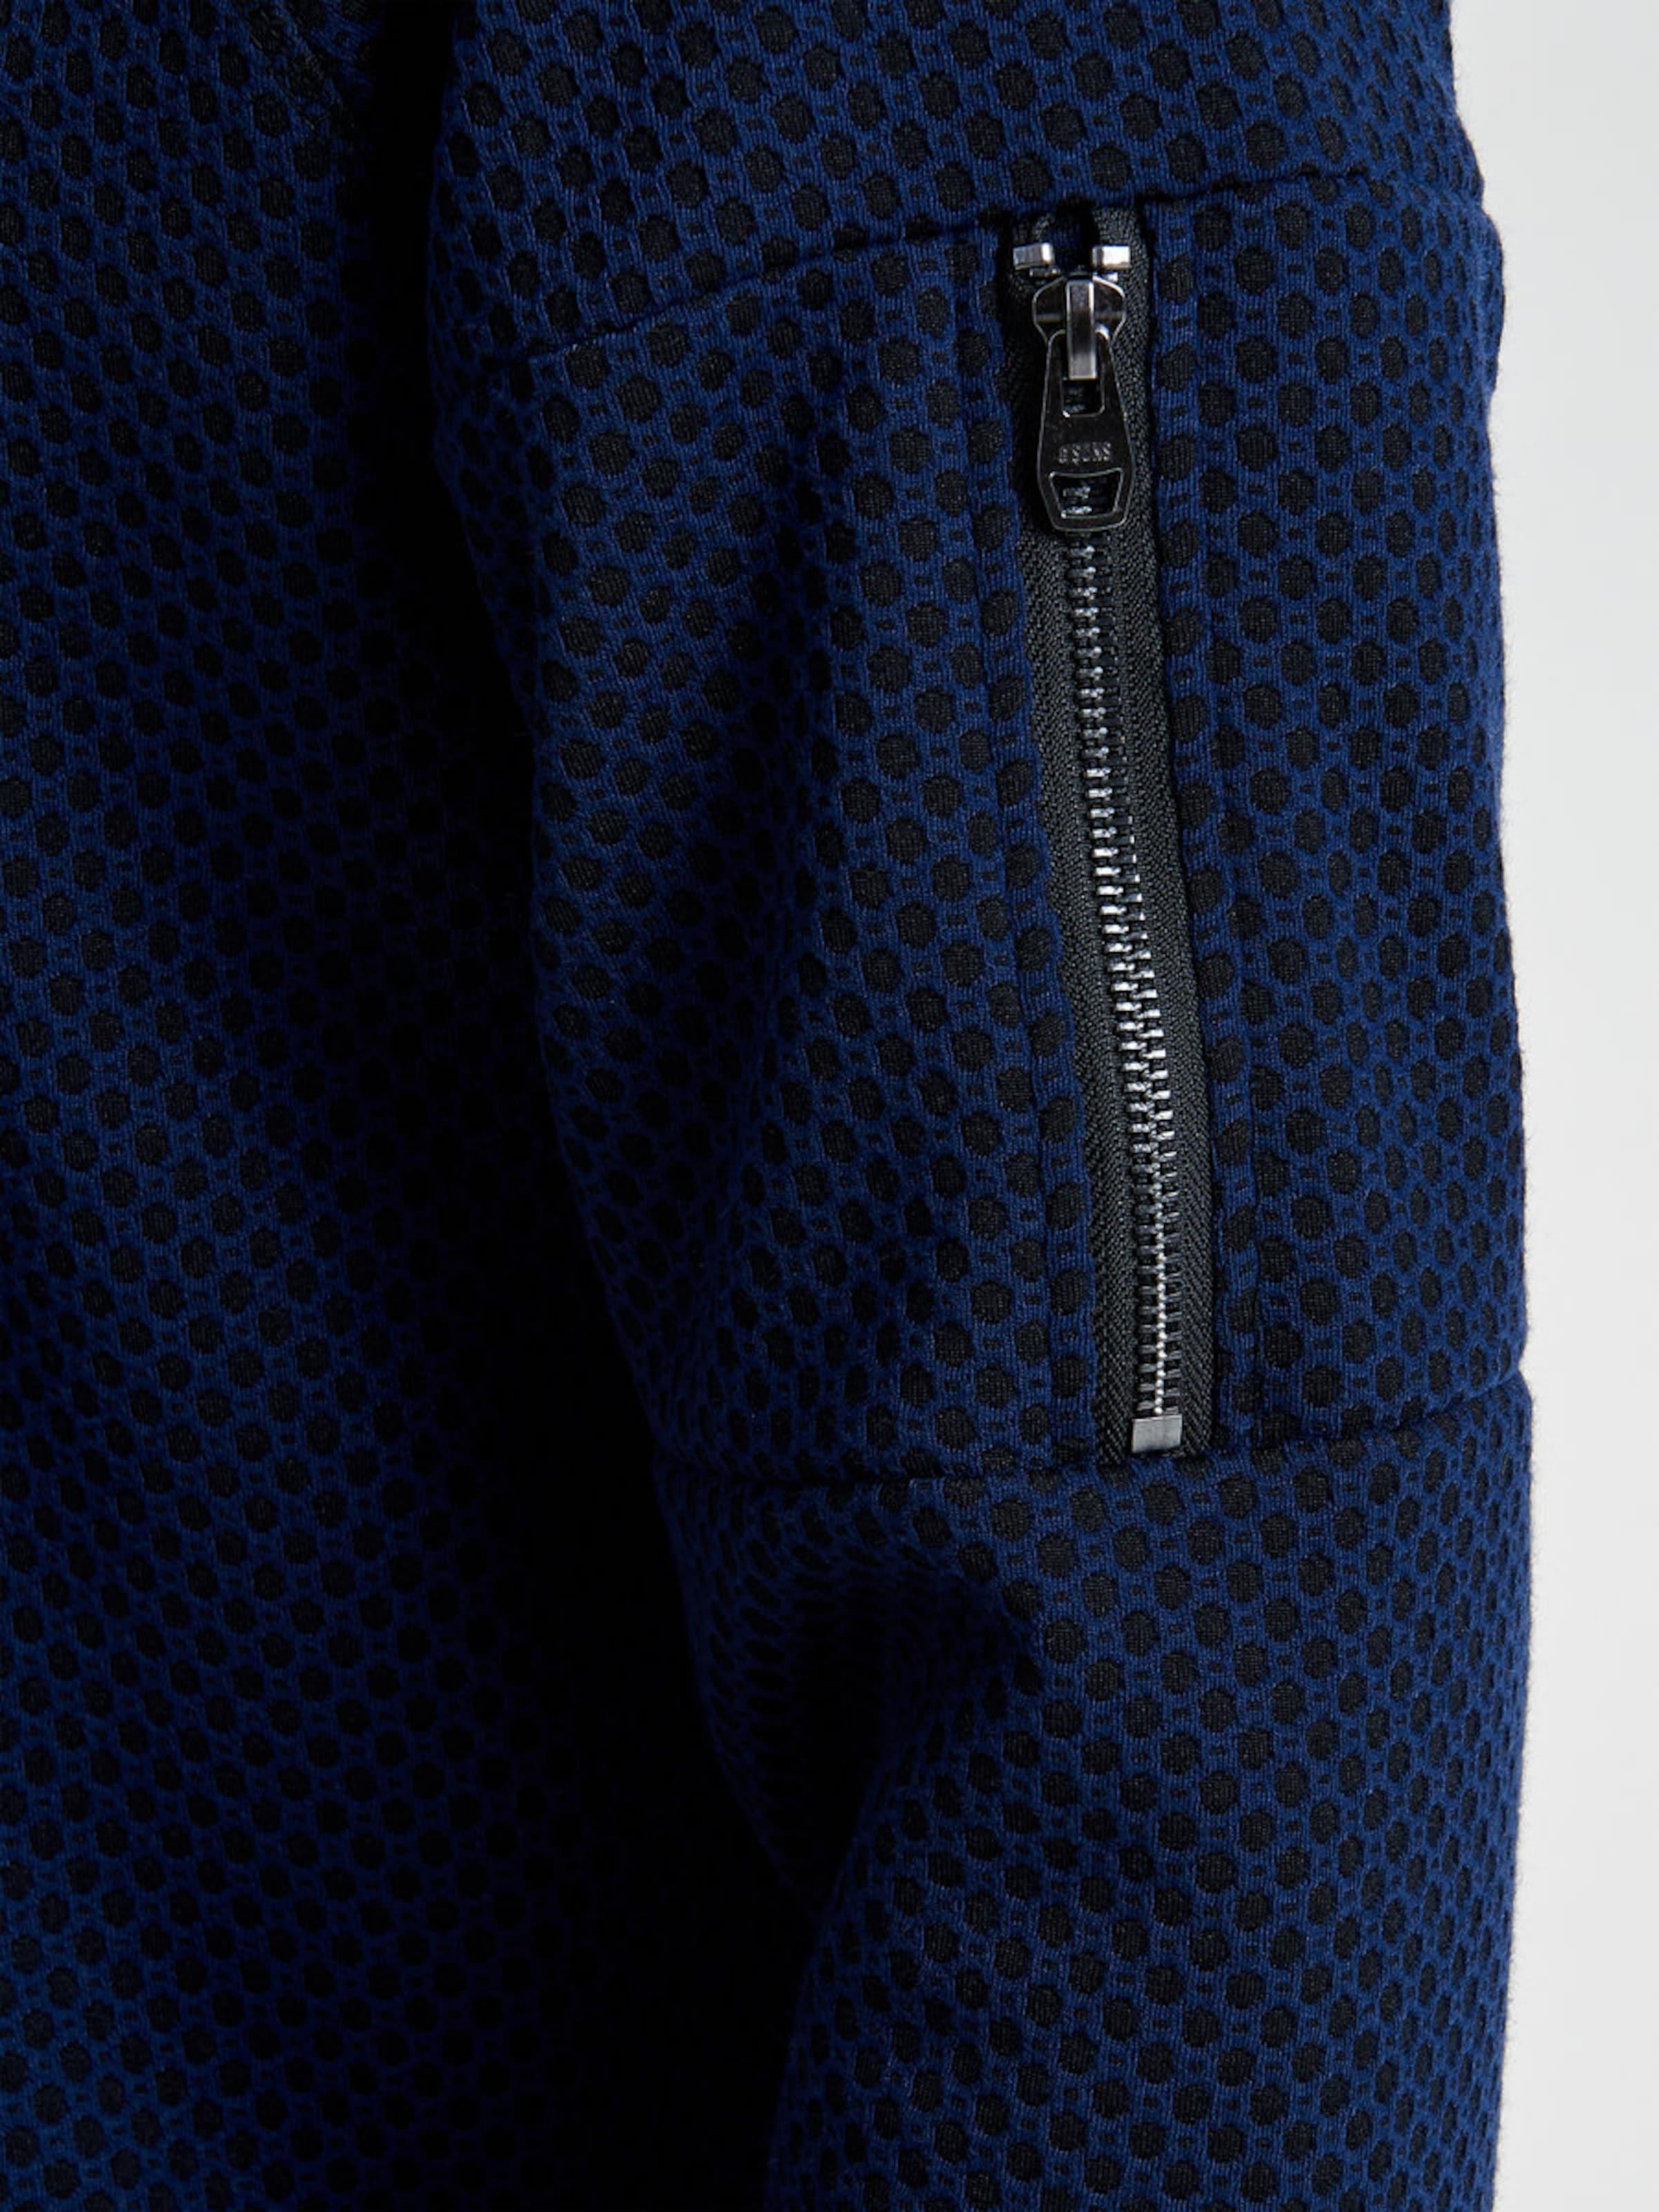 Only & Sons Detailliertes Sweatshirt Zu Verkaufen Rabatt 100% Garantiert Extrem Günstiger Preis Steckdose Billigsten Online Günstiger Preis T5oQUekDg